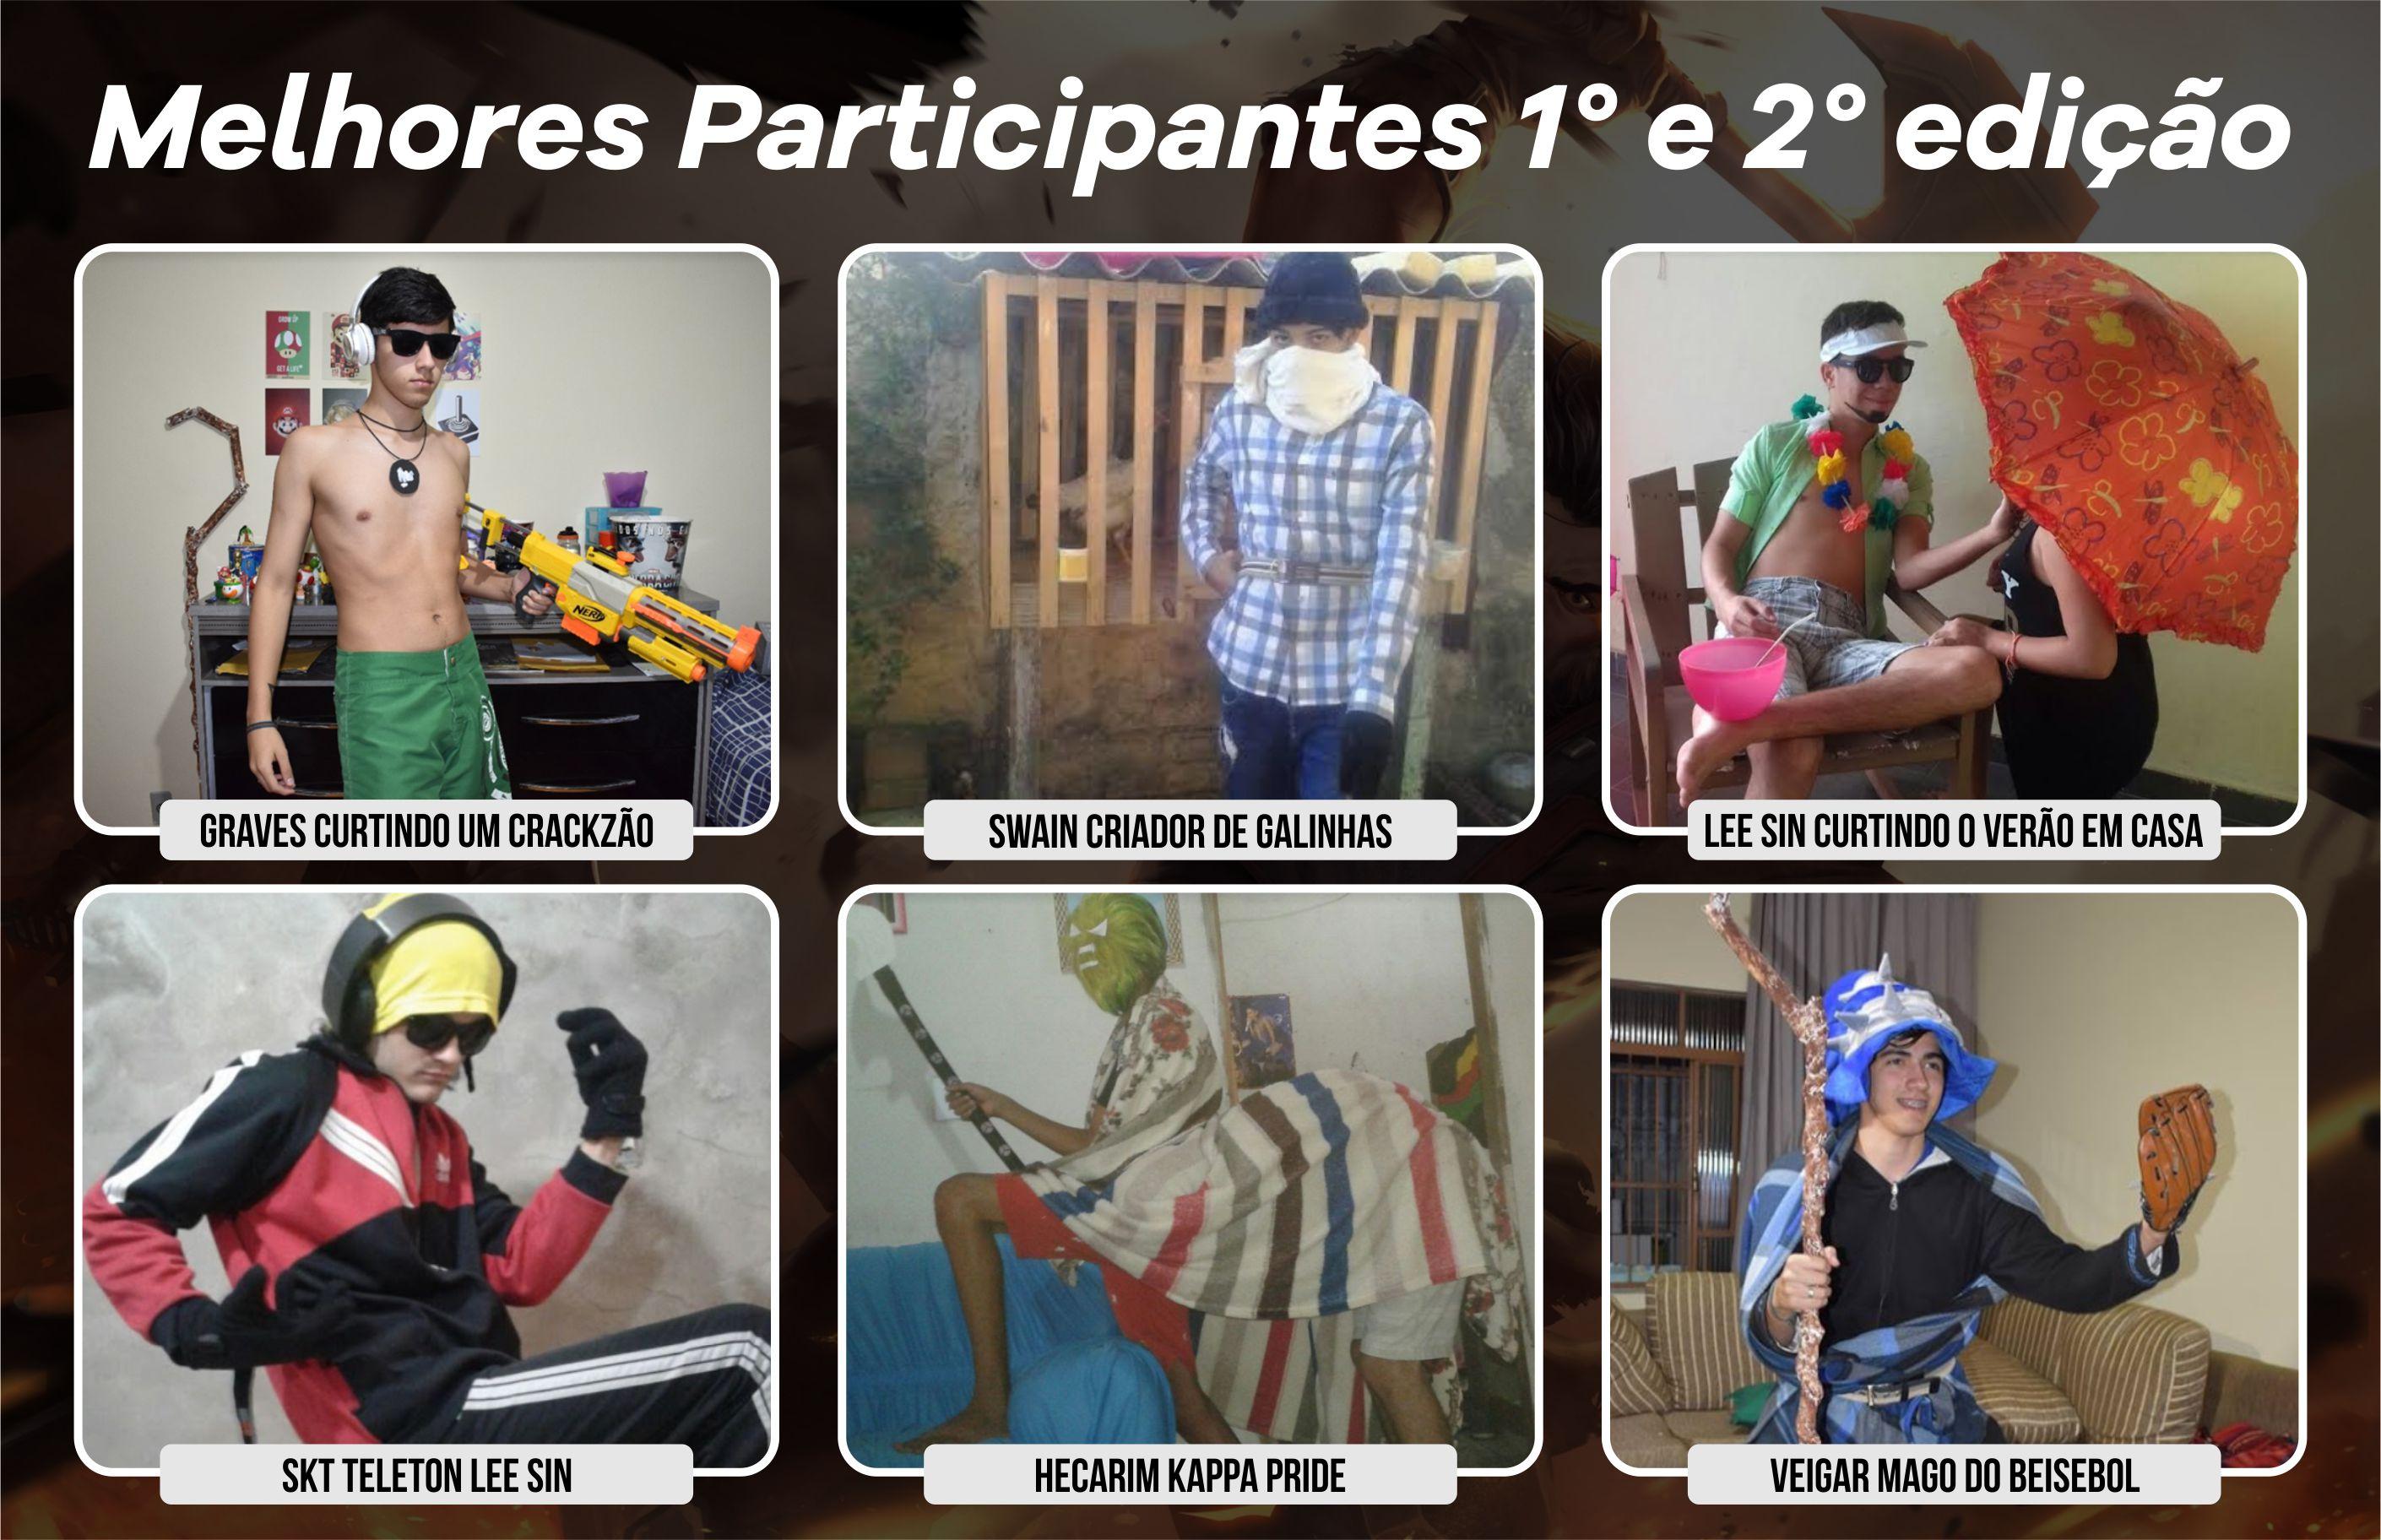 Melhores participantes da 1° e 2° edição